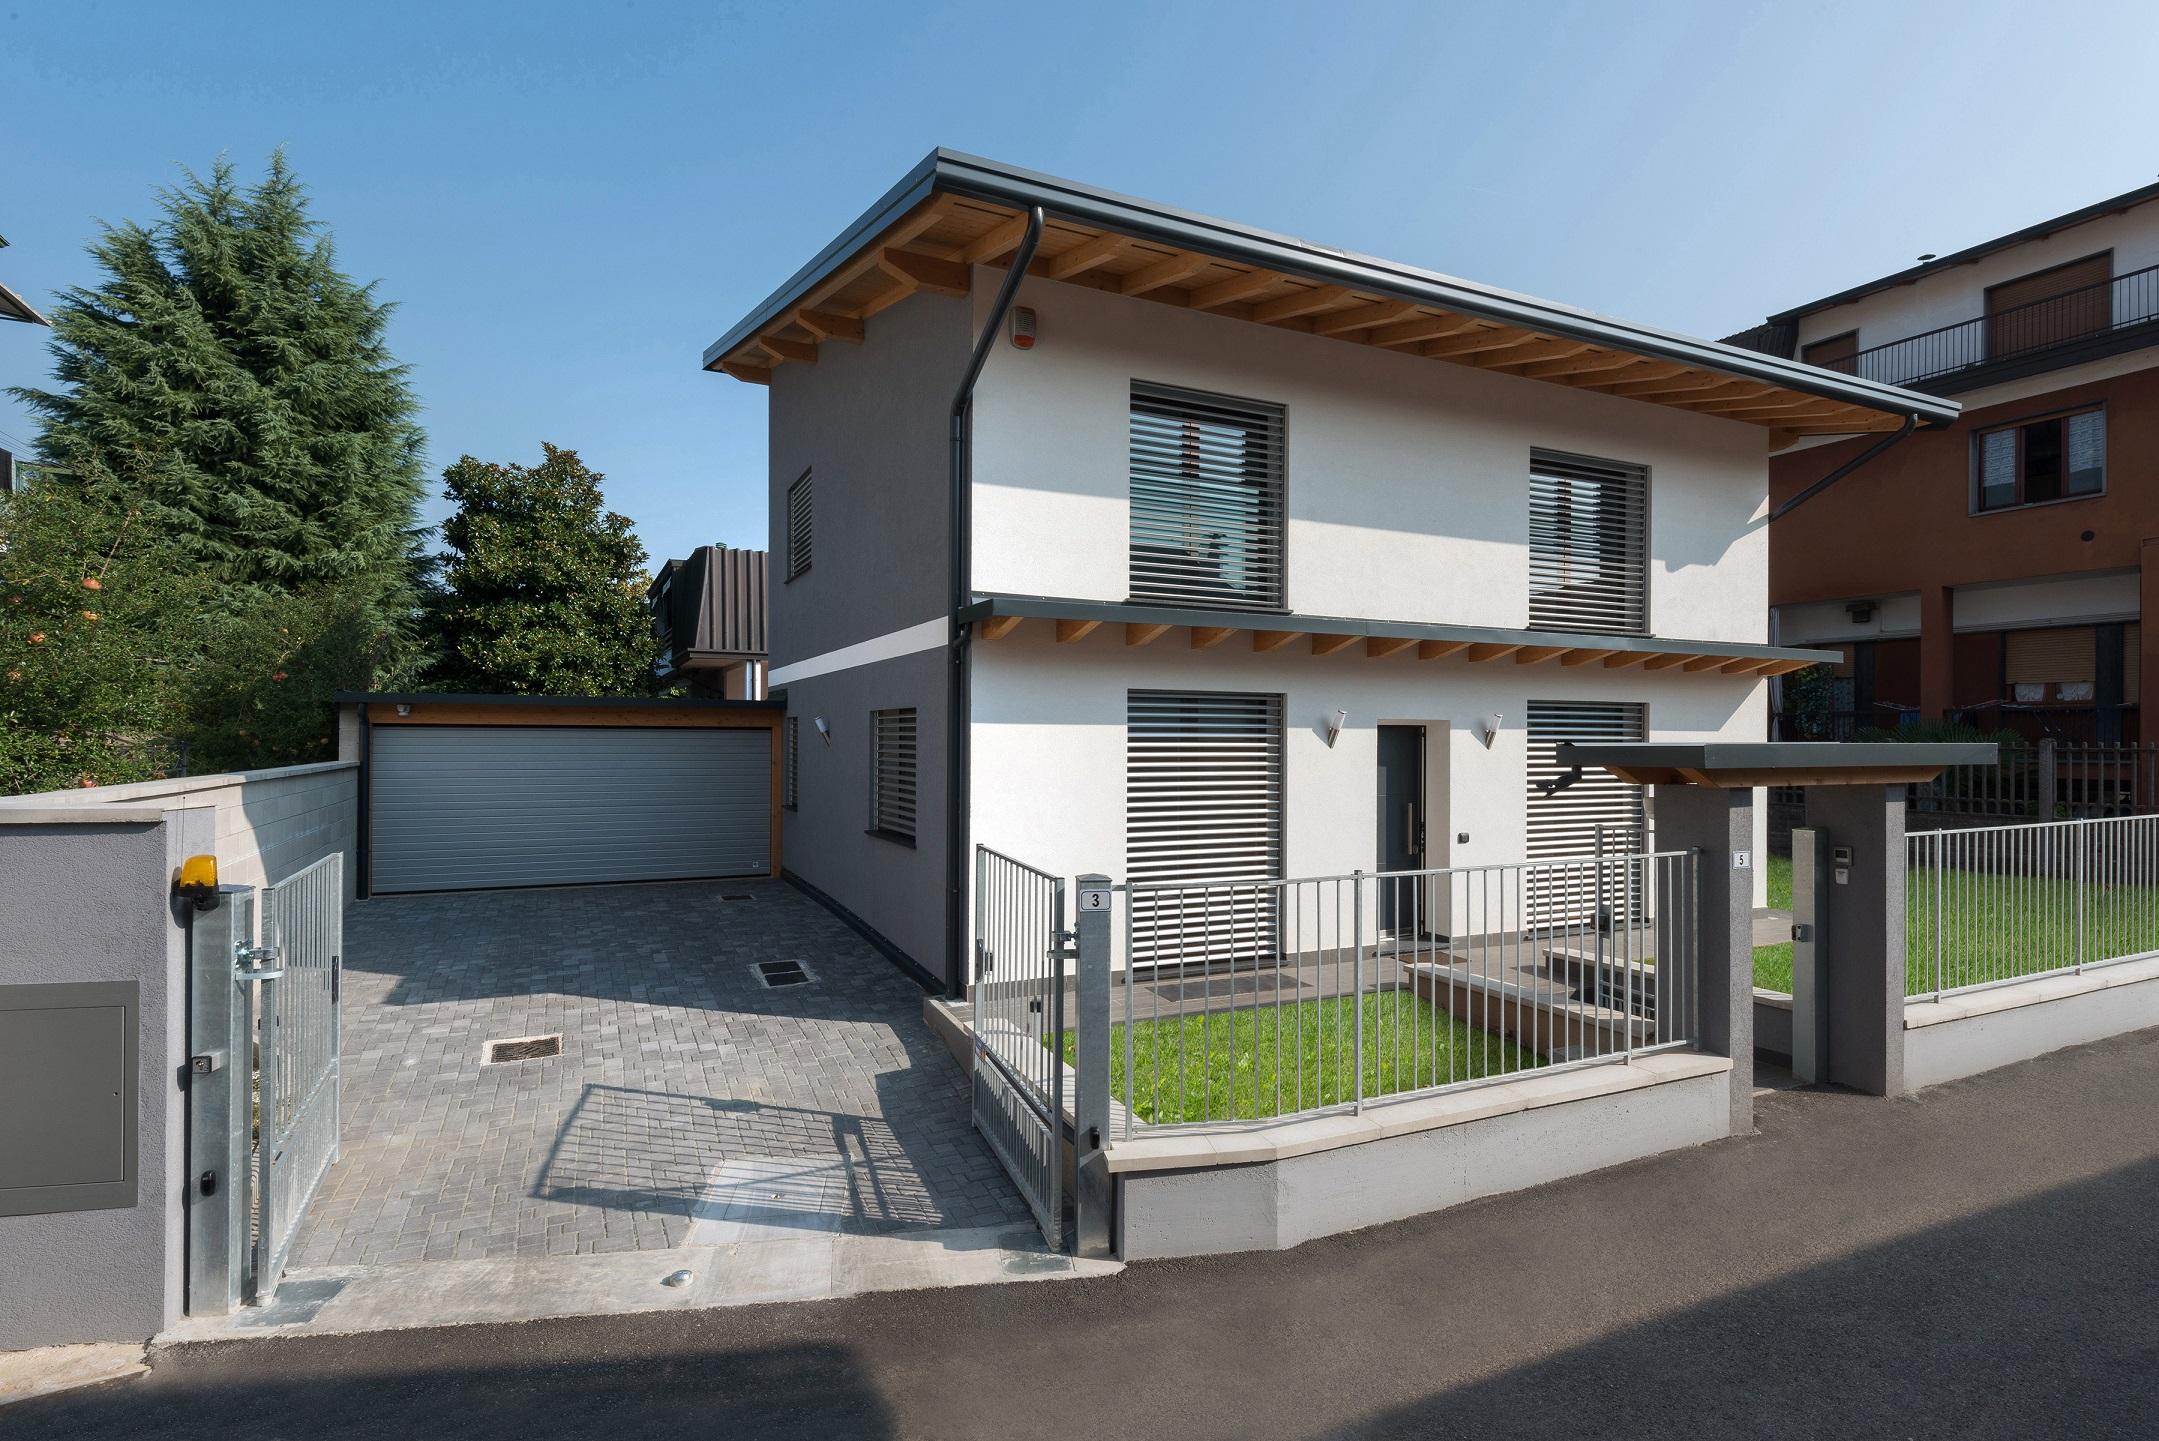 Pompa di calore e vmc per la casa passiva in legno gt for Moderni piani di casa eco